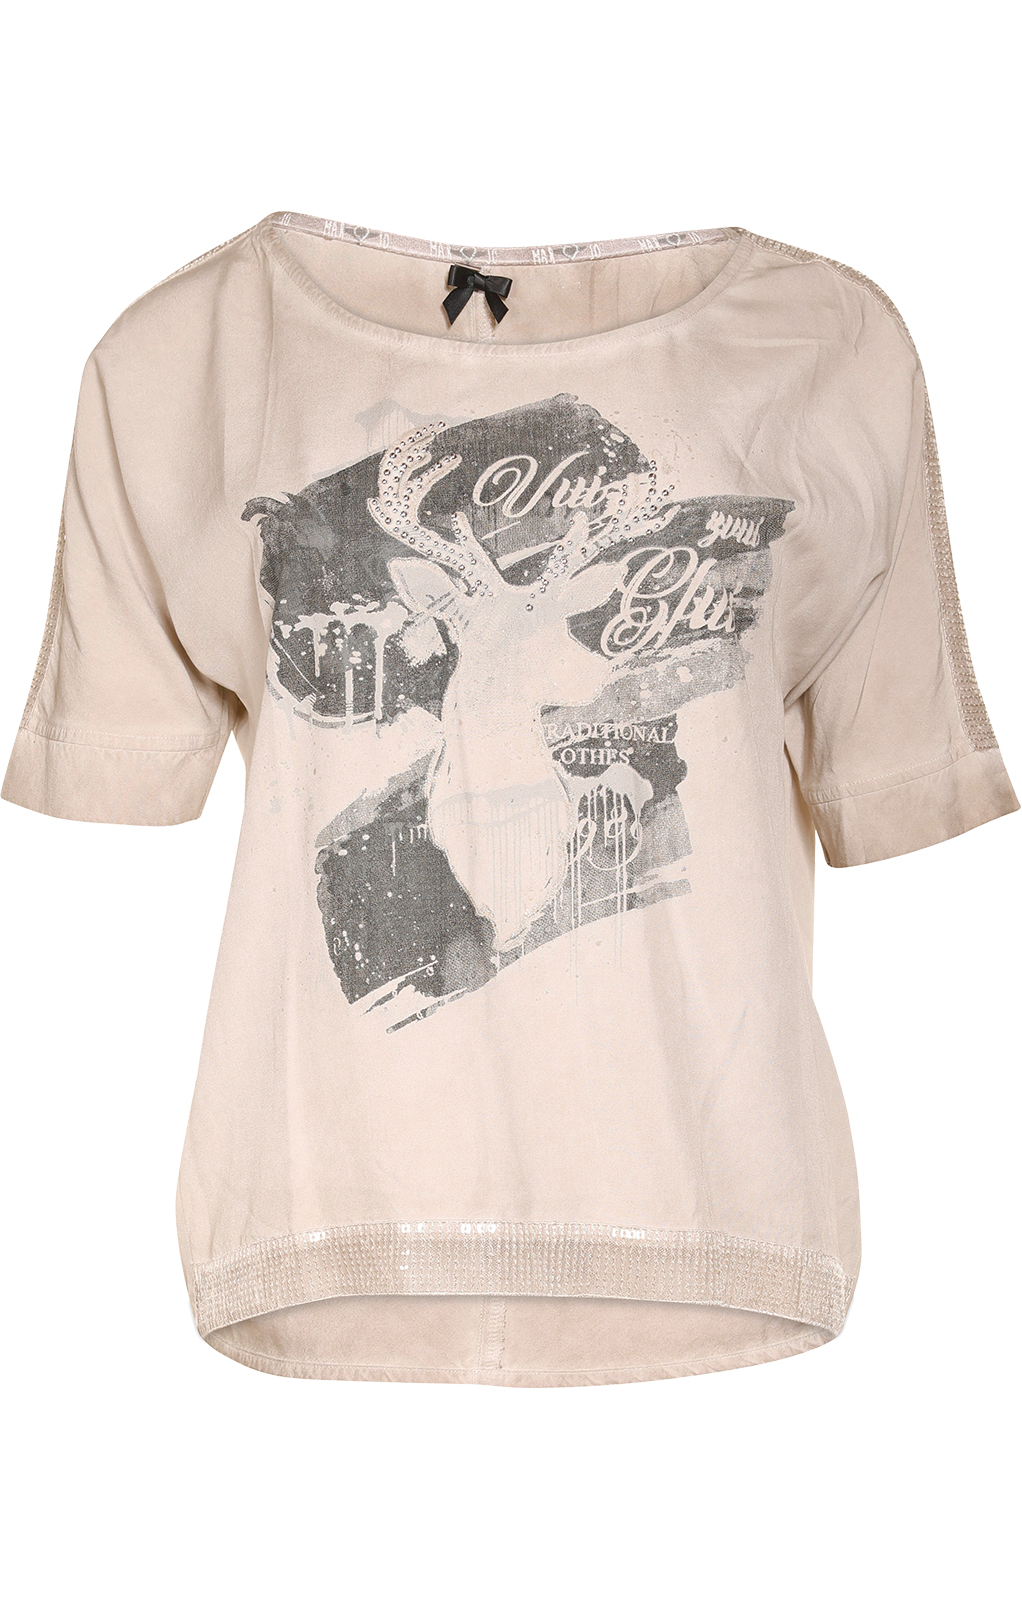 weitere Bilder von Trachten T-Shirt D37 - LUCI beige